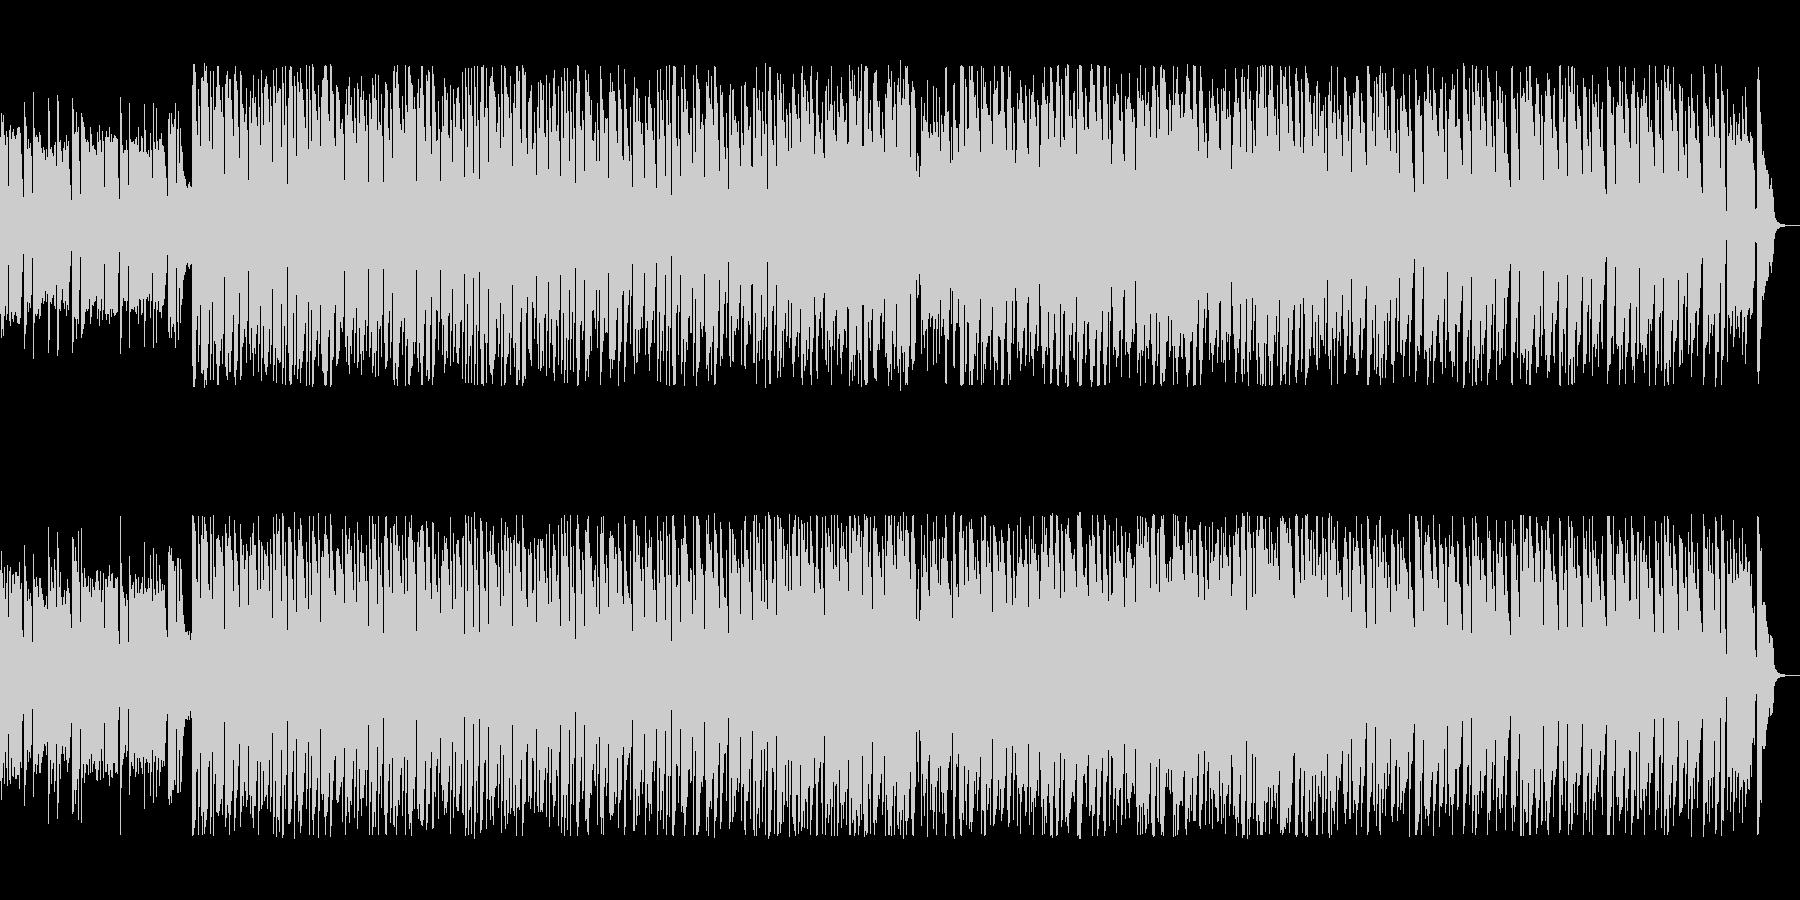 シンセのコミカルな旋律が印象的なポップスの未再生の波形